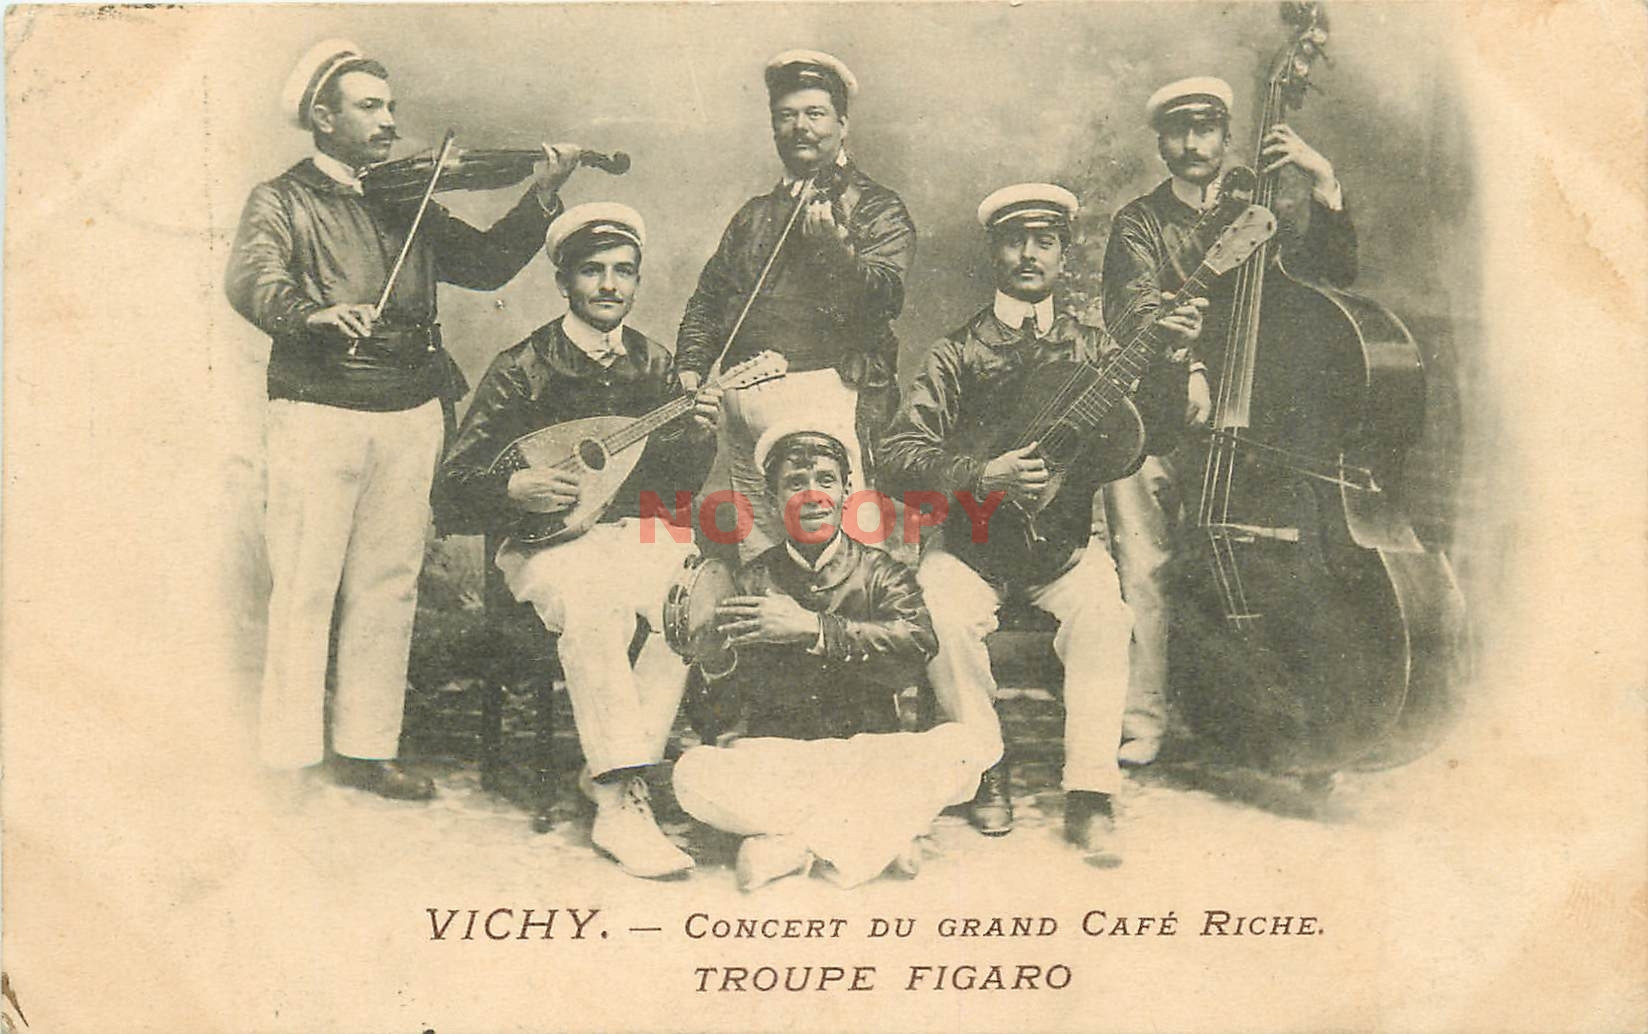 WW 03 VICHY. Concert du Grand Café Riche par la Troupe Figaro 1906